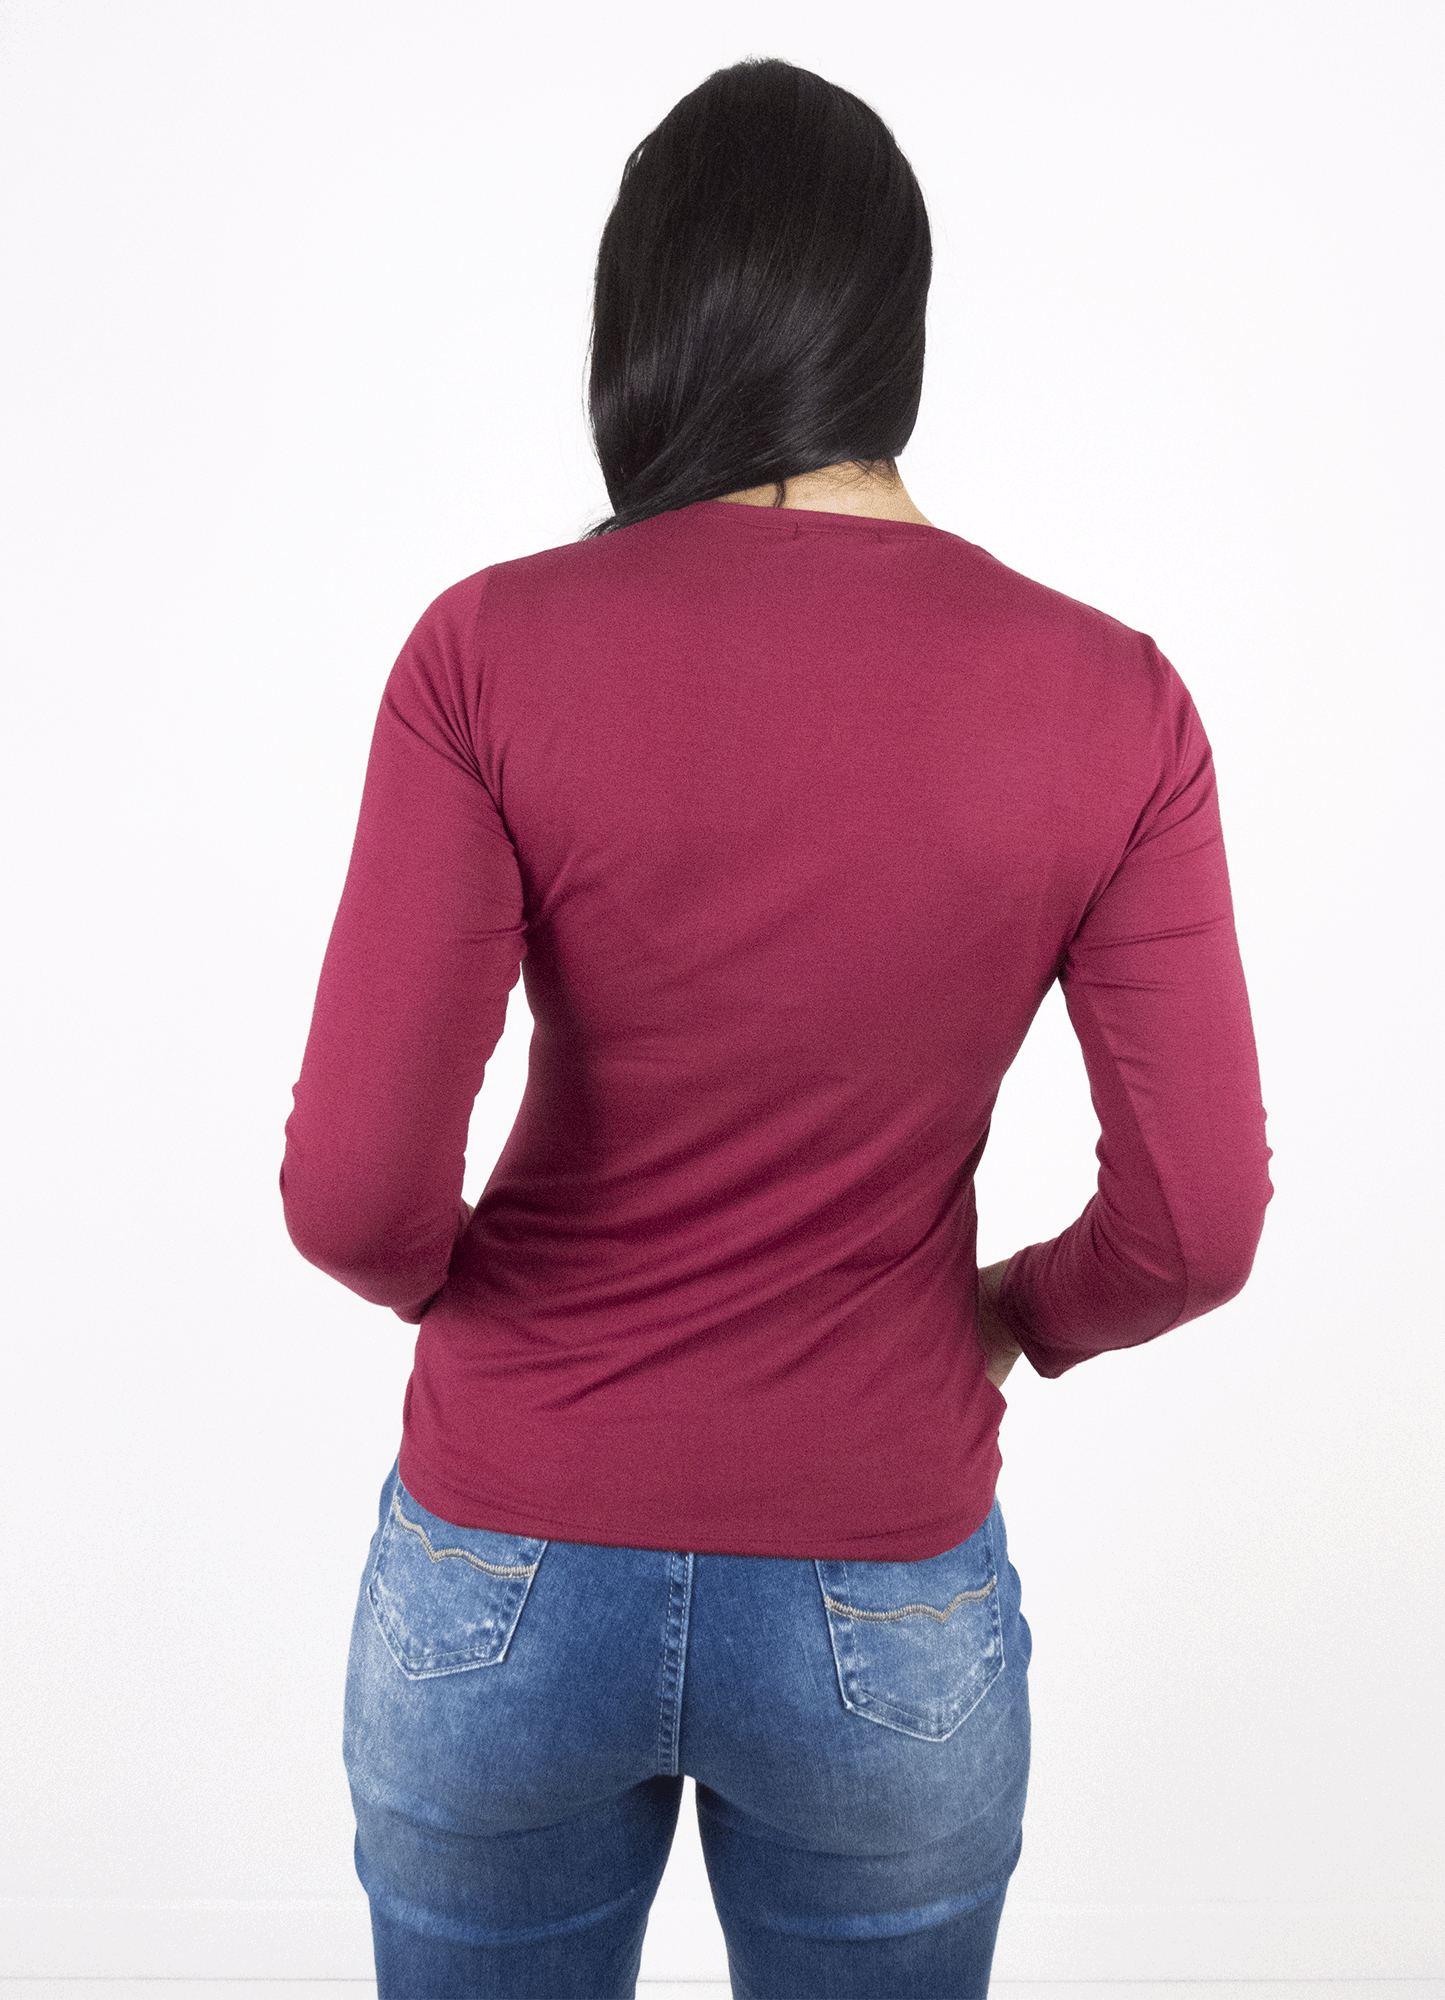 Blusa Feminina Viscose Básica Bordô Decote Redondo